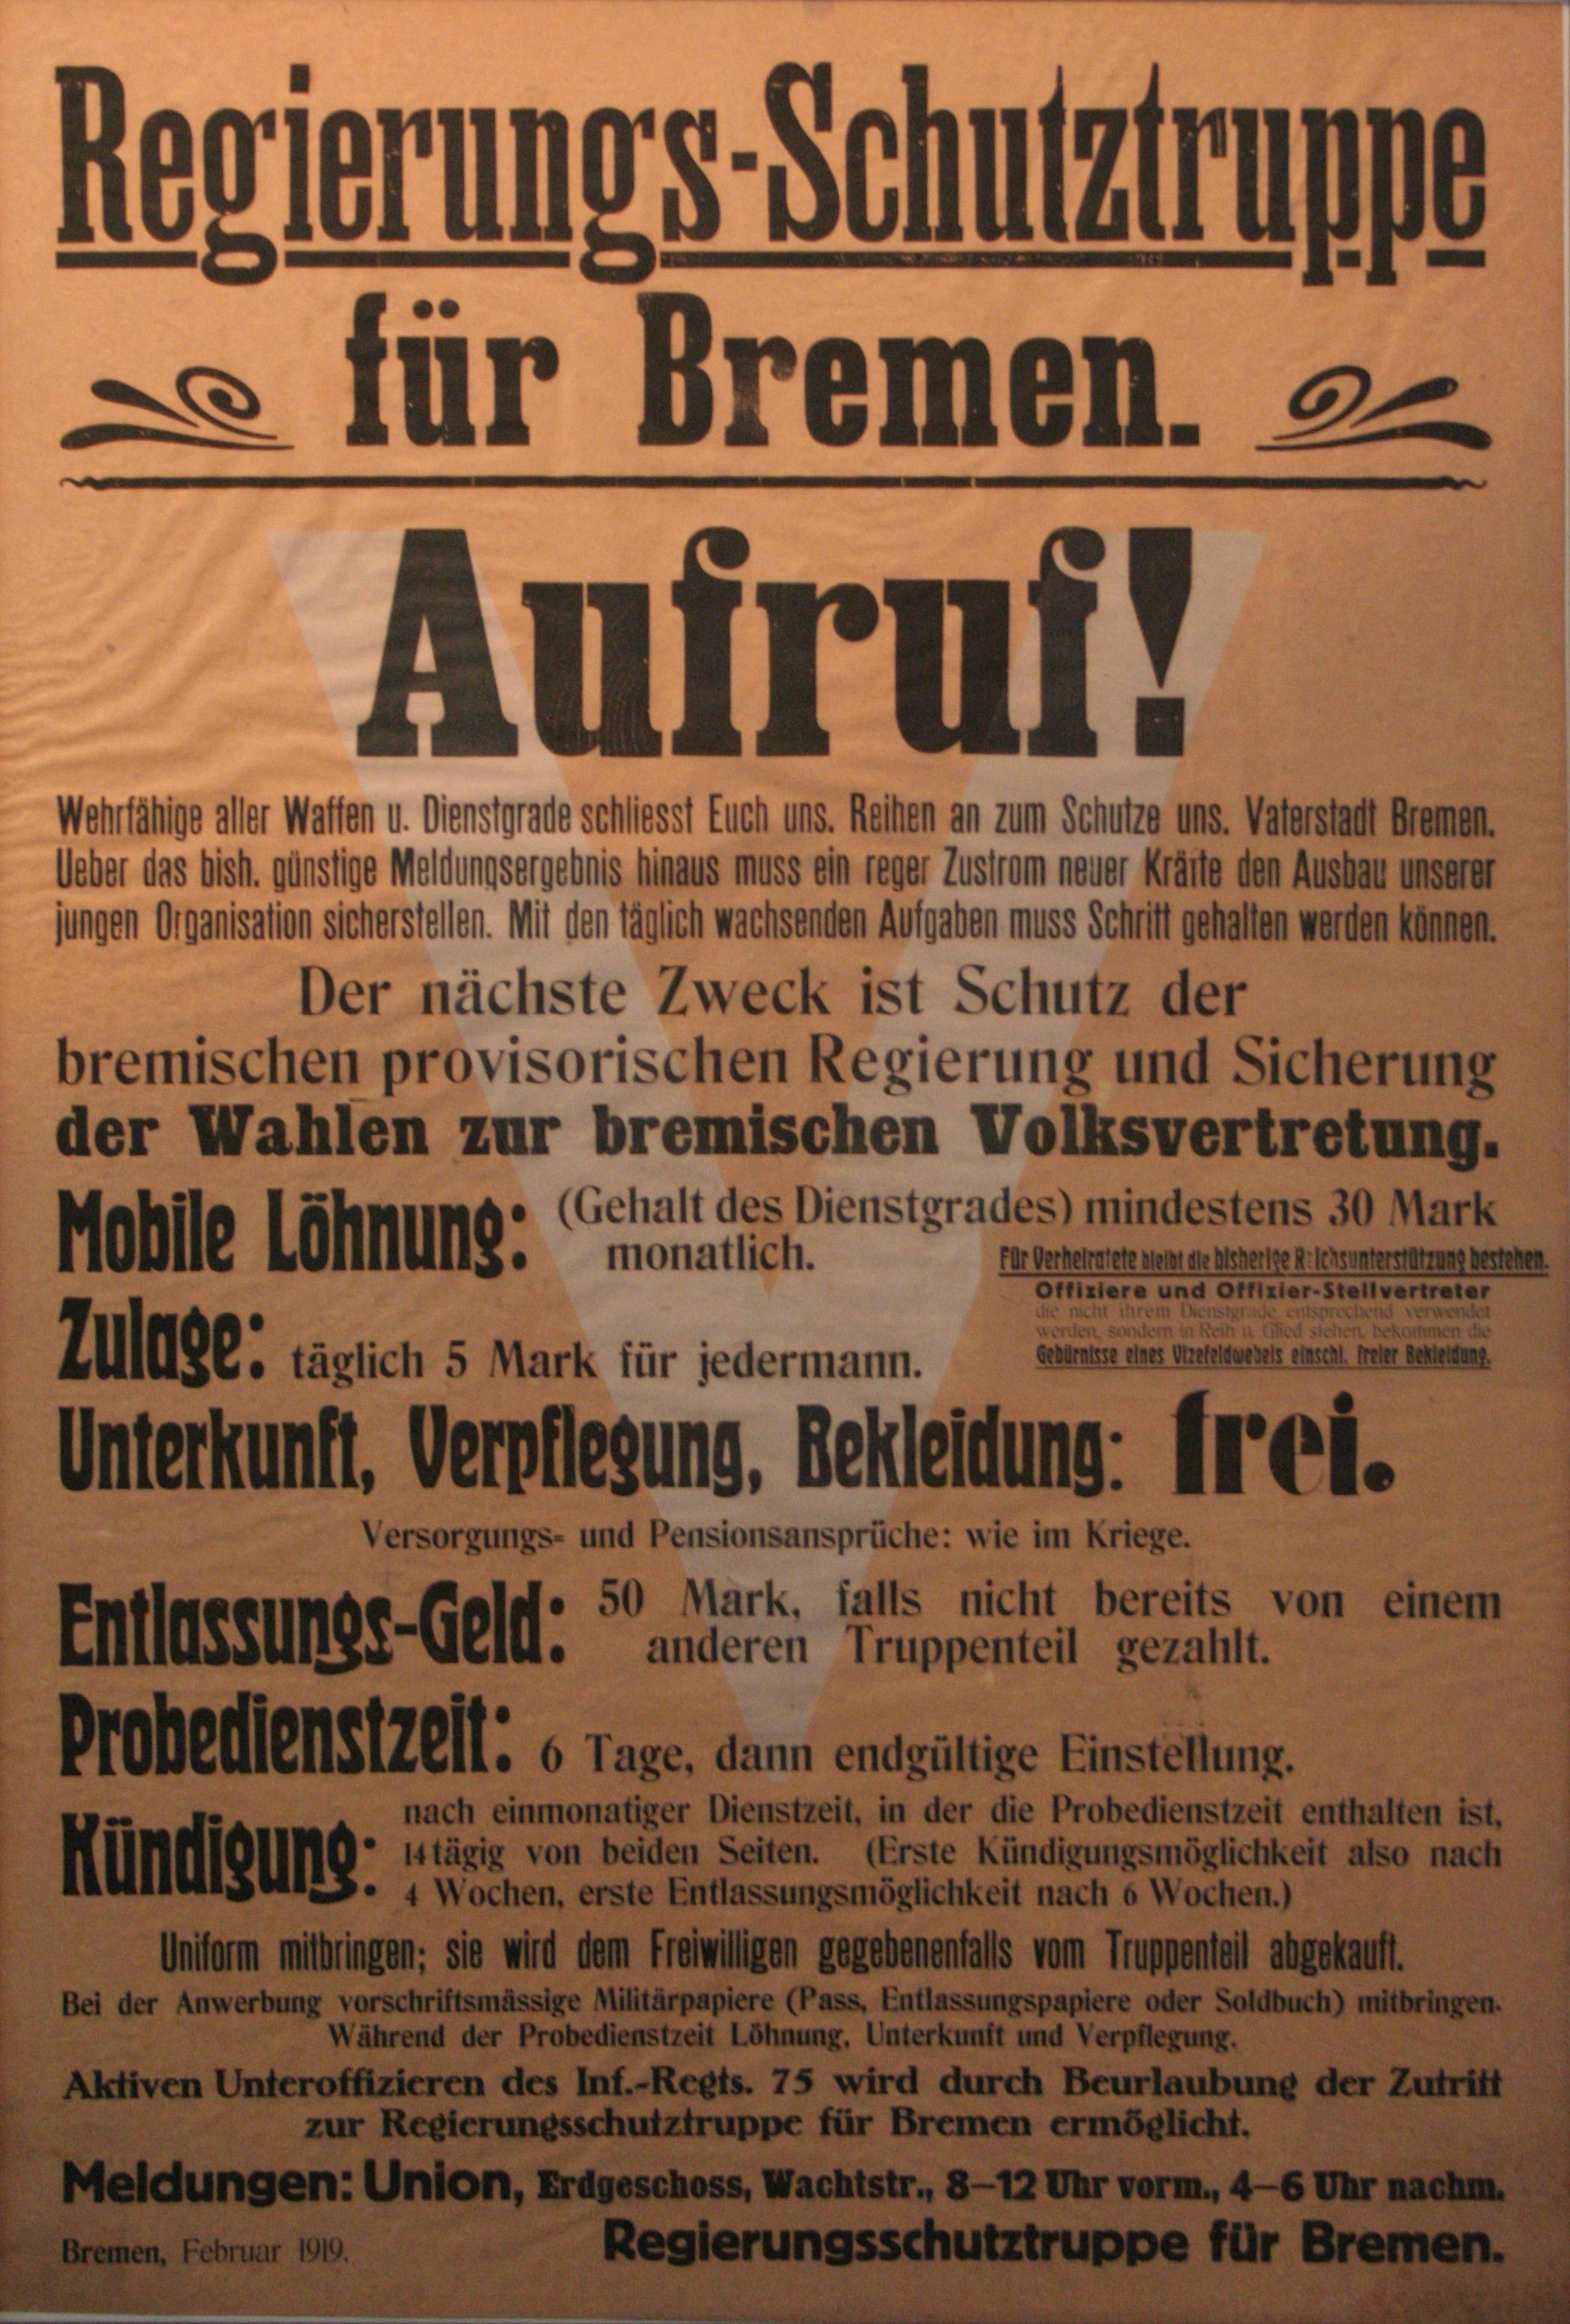 Eine_Regierungsschutztruppe_für_Bremen_-_Plakat_1919.jpg